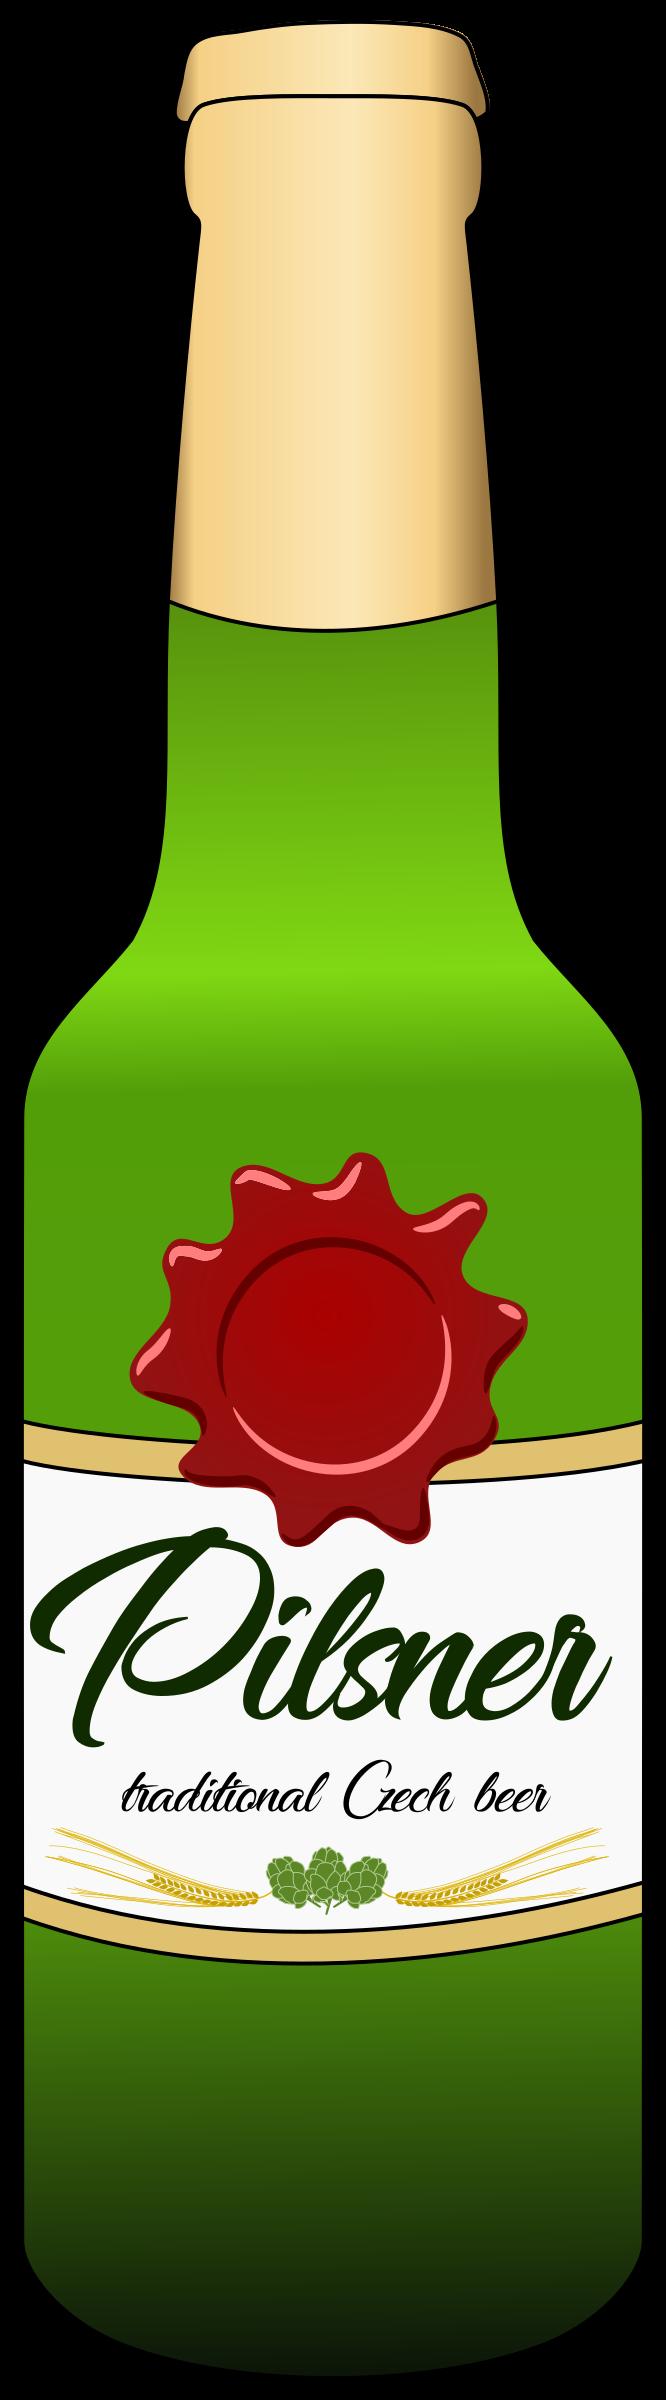 Clipart beer bottel. Pilsner bottle big image